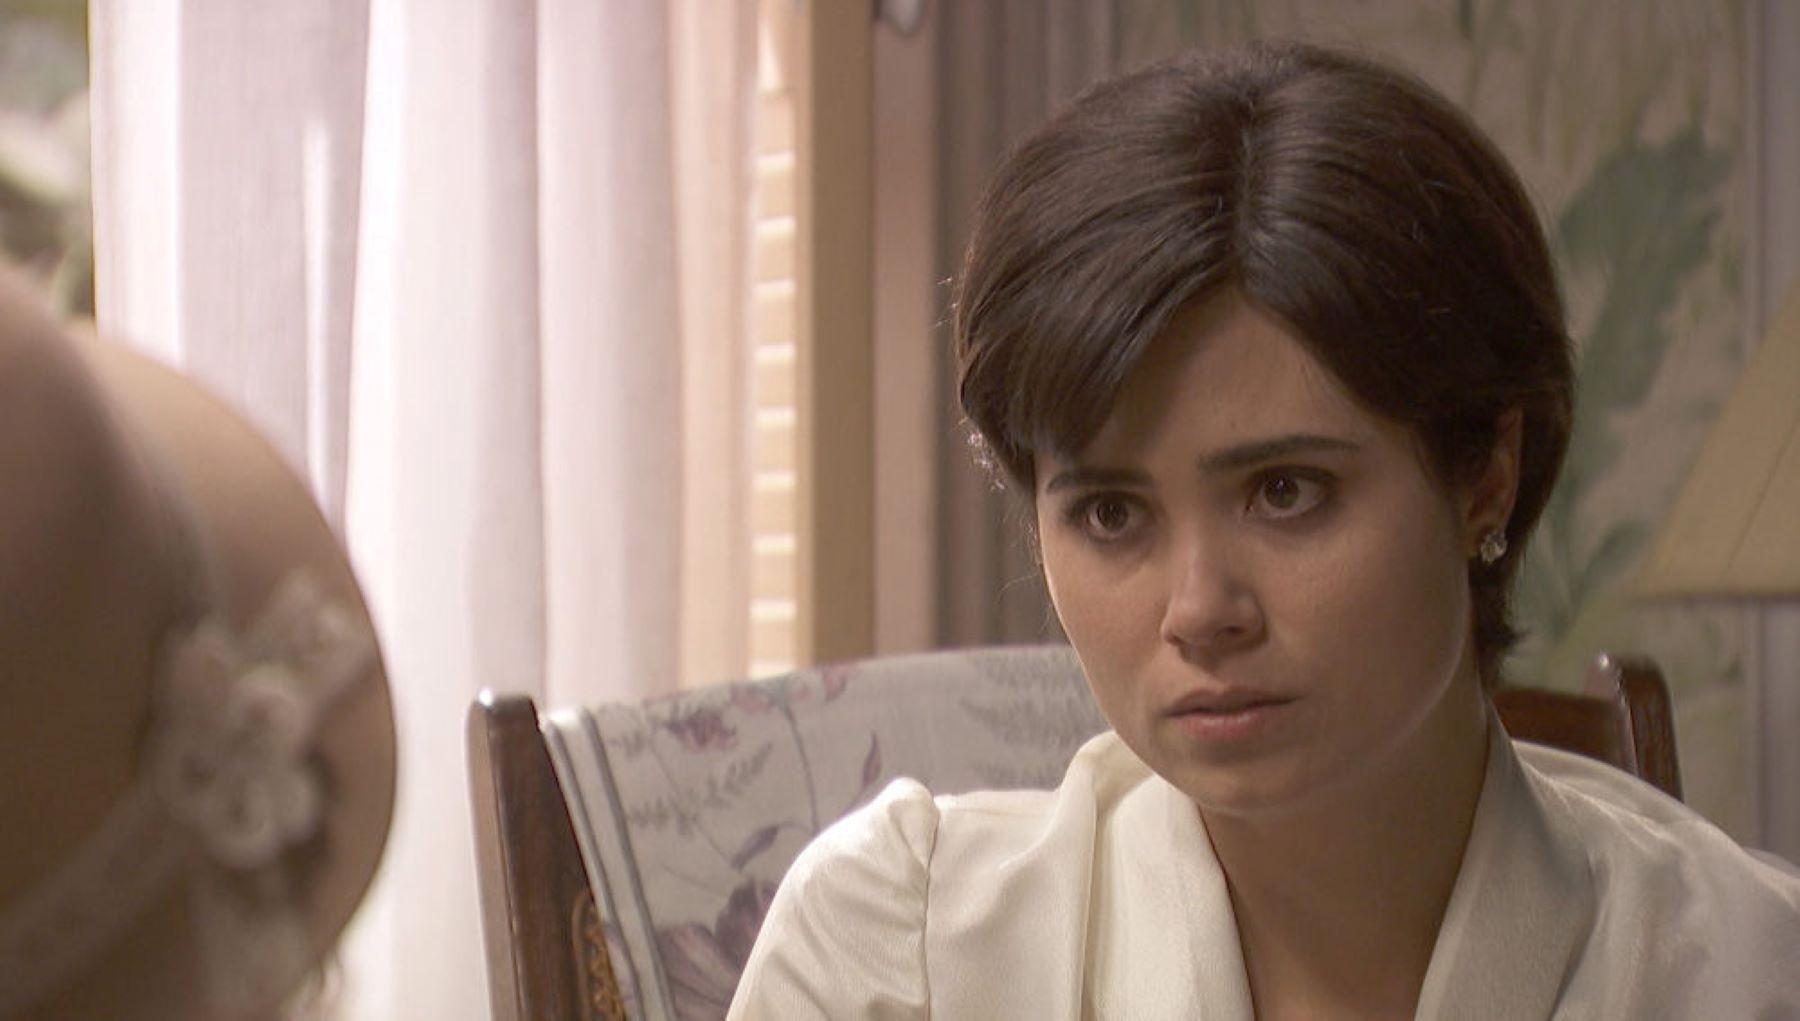 Il Segreto, trame 30 marzo - 4 aprile: Maria decide di lasciare Puente Viejo